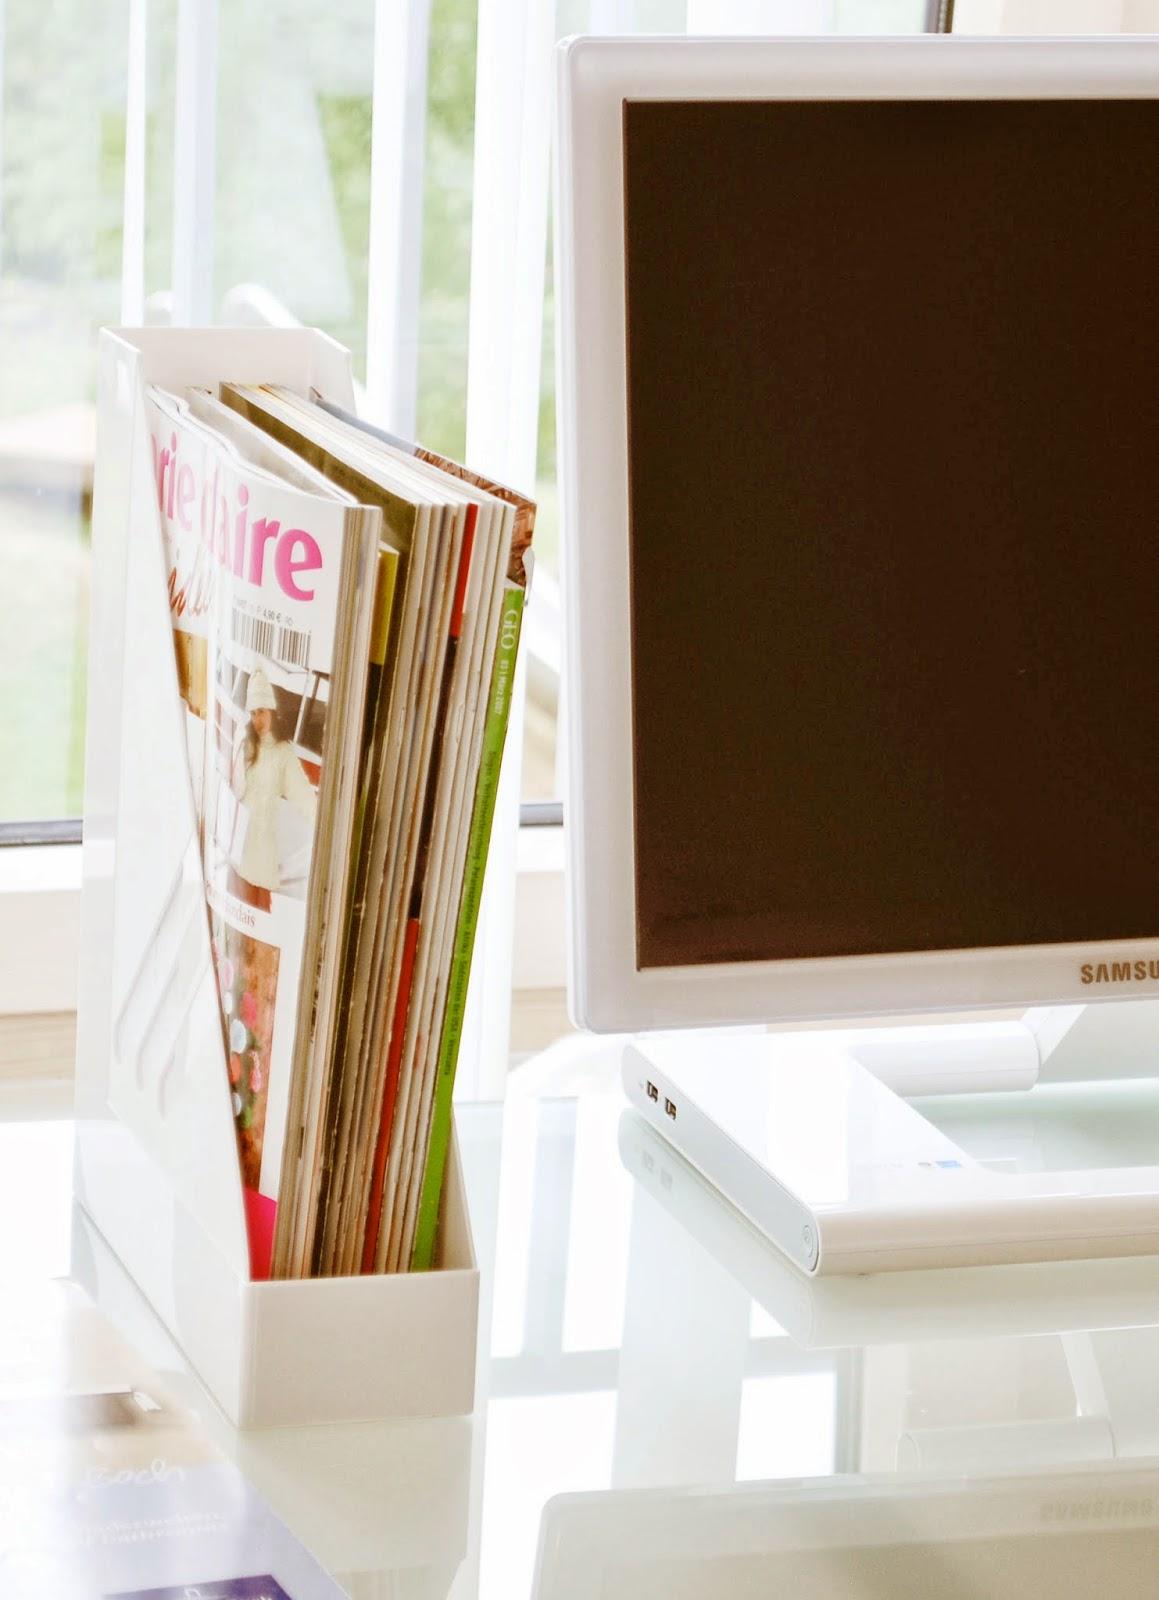 Broschüren, Kataloge und Zeitschriften aufbewahren